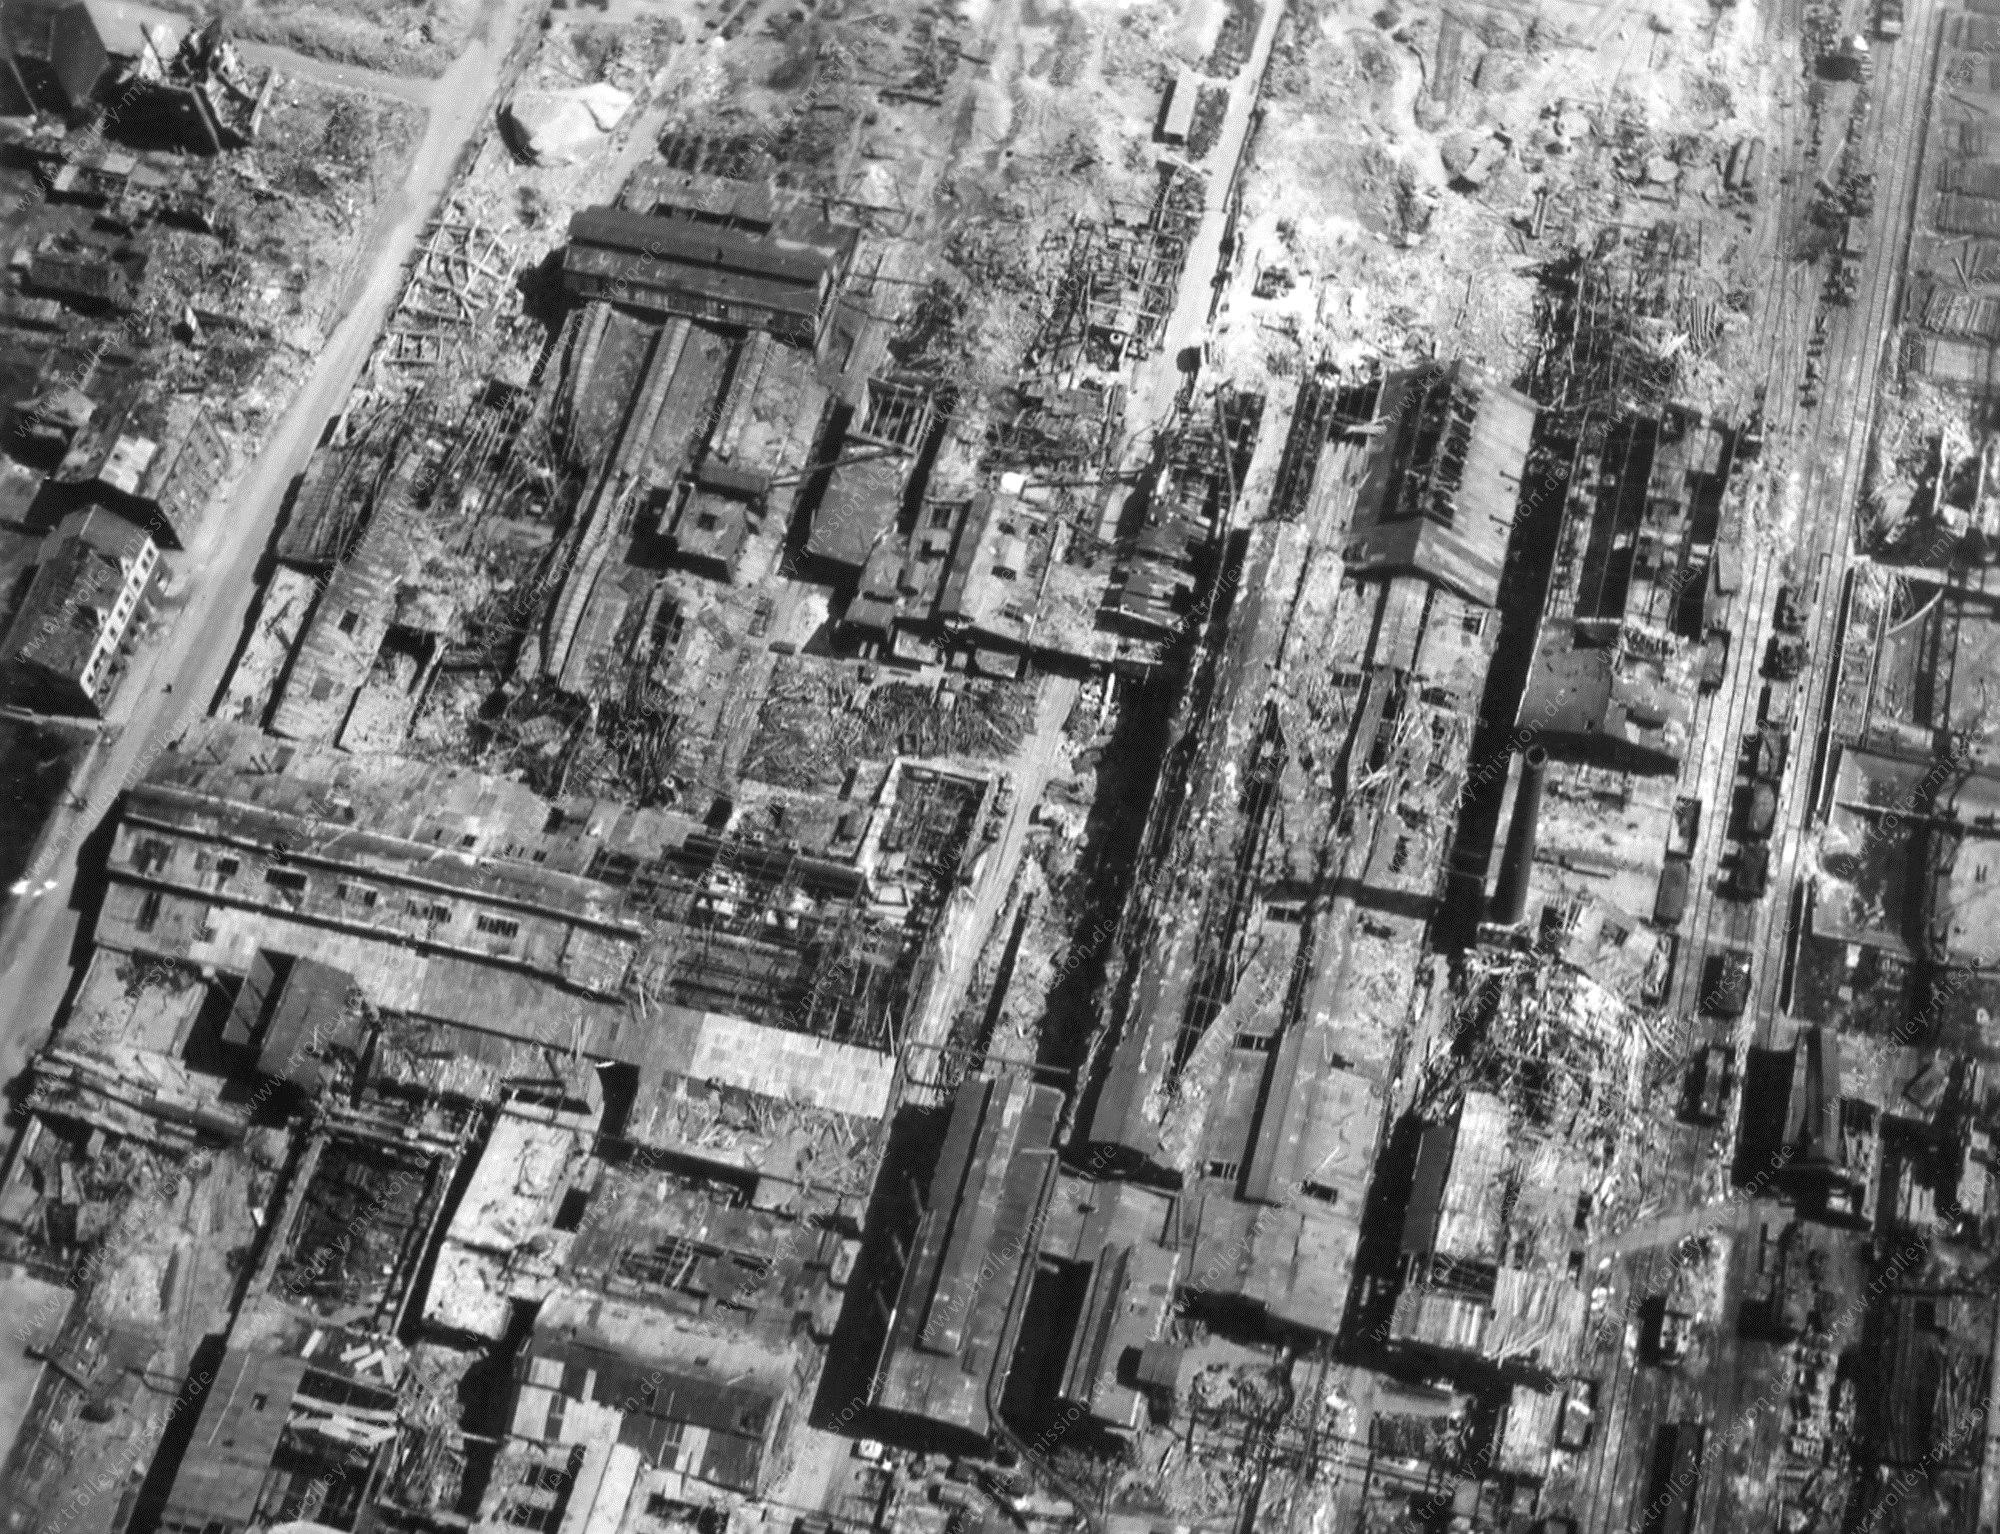 Luftbild von Gelsenkirchen und dem Stadtteil Bulmke-Hüllen (Brüsseler Straße und Europa Straße)